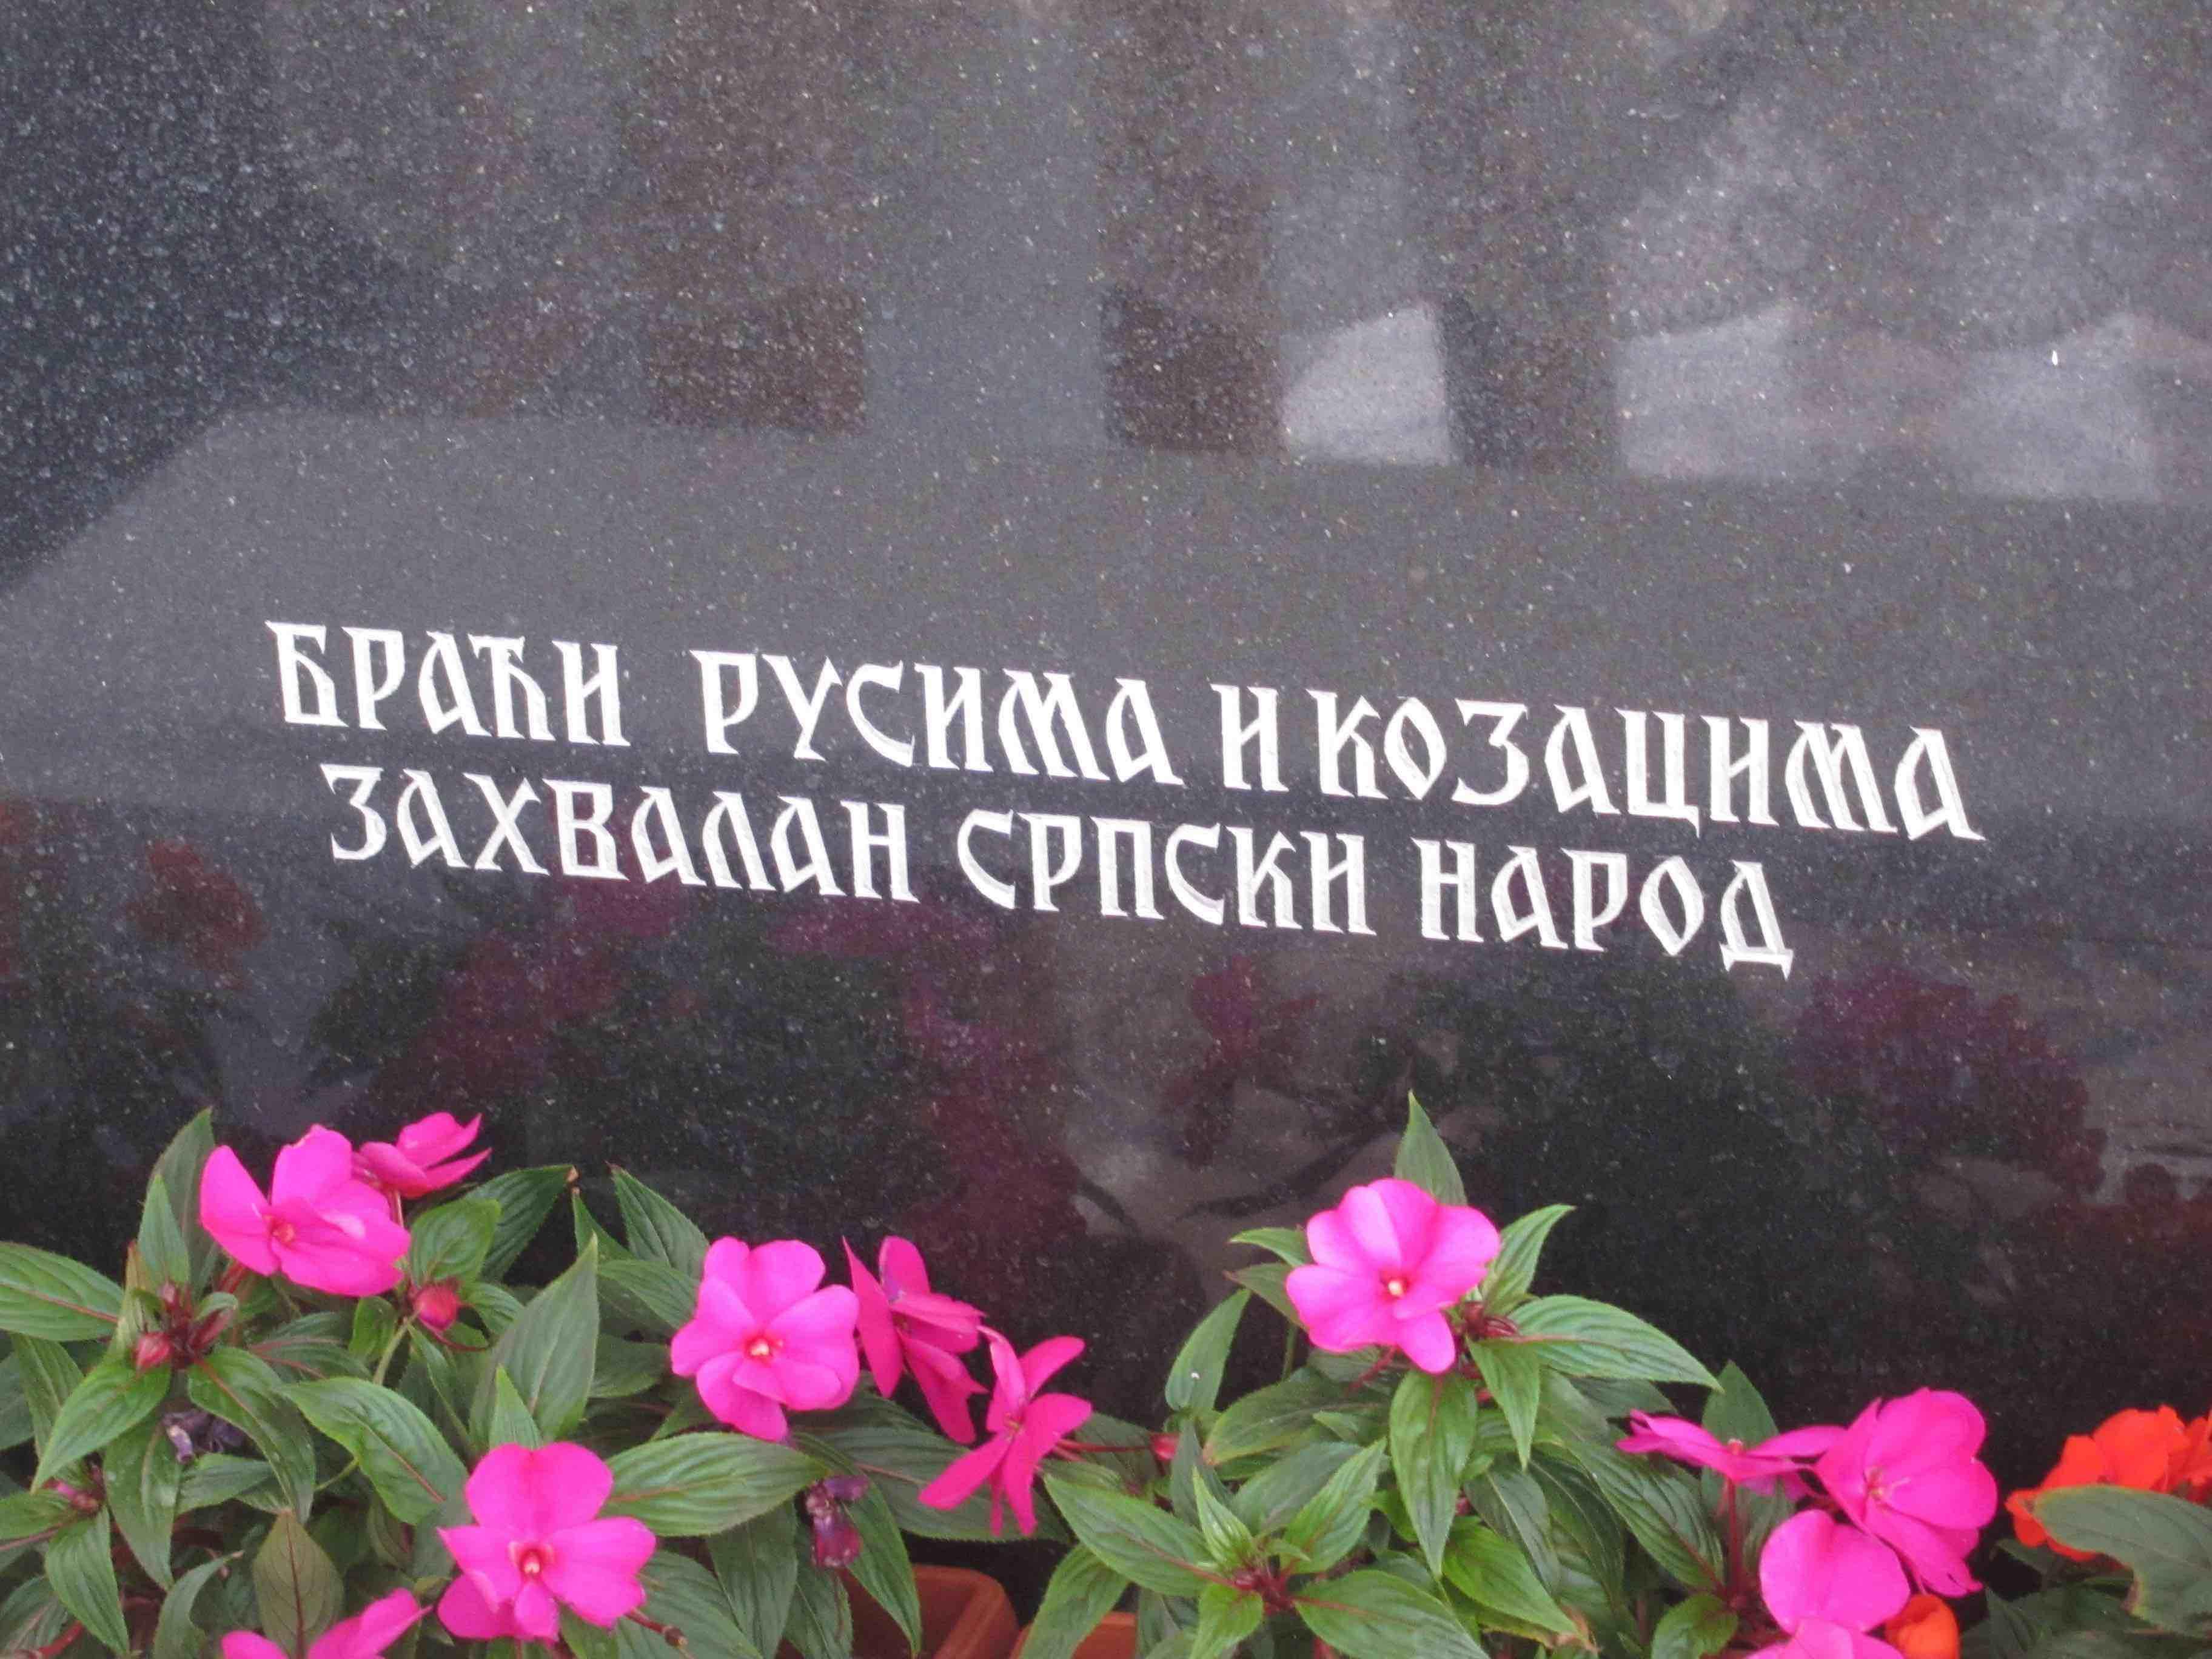 Основание памятника русским добровольцам в монастыре Св.Саввы в селе Горна  Лиеска, окрестности Вышеграда.